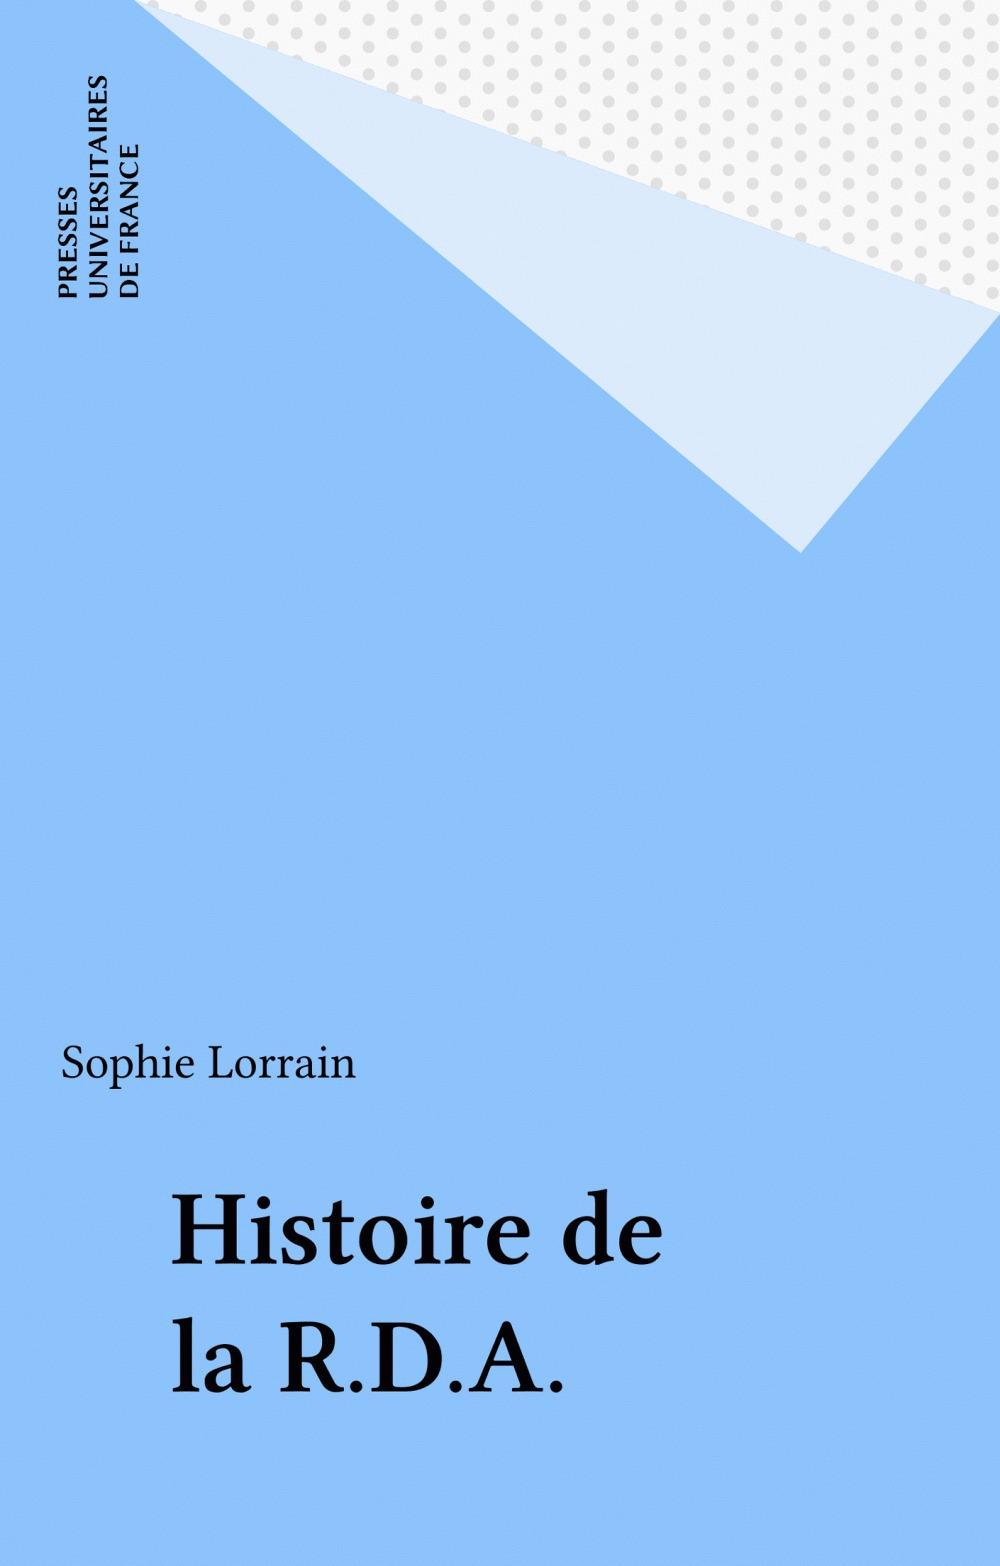 Histoire de la R.D.A.  - Sophie Lorrain